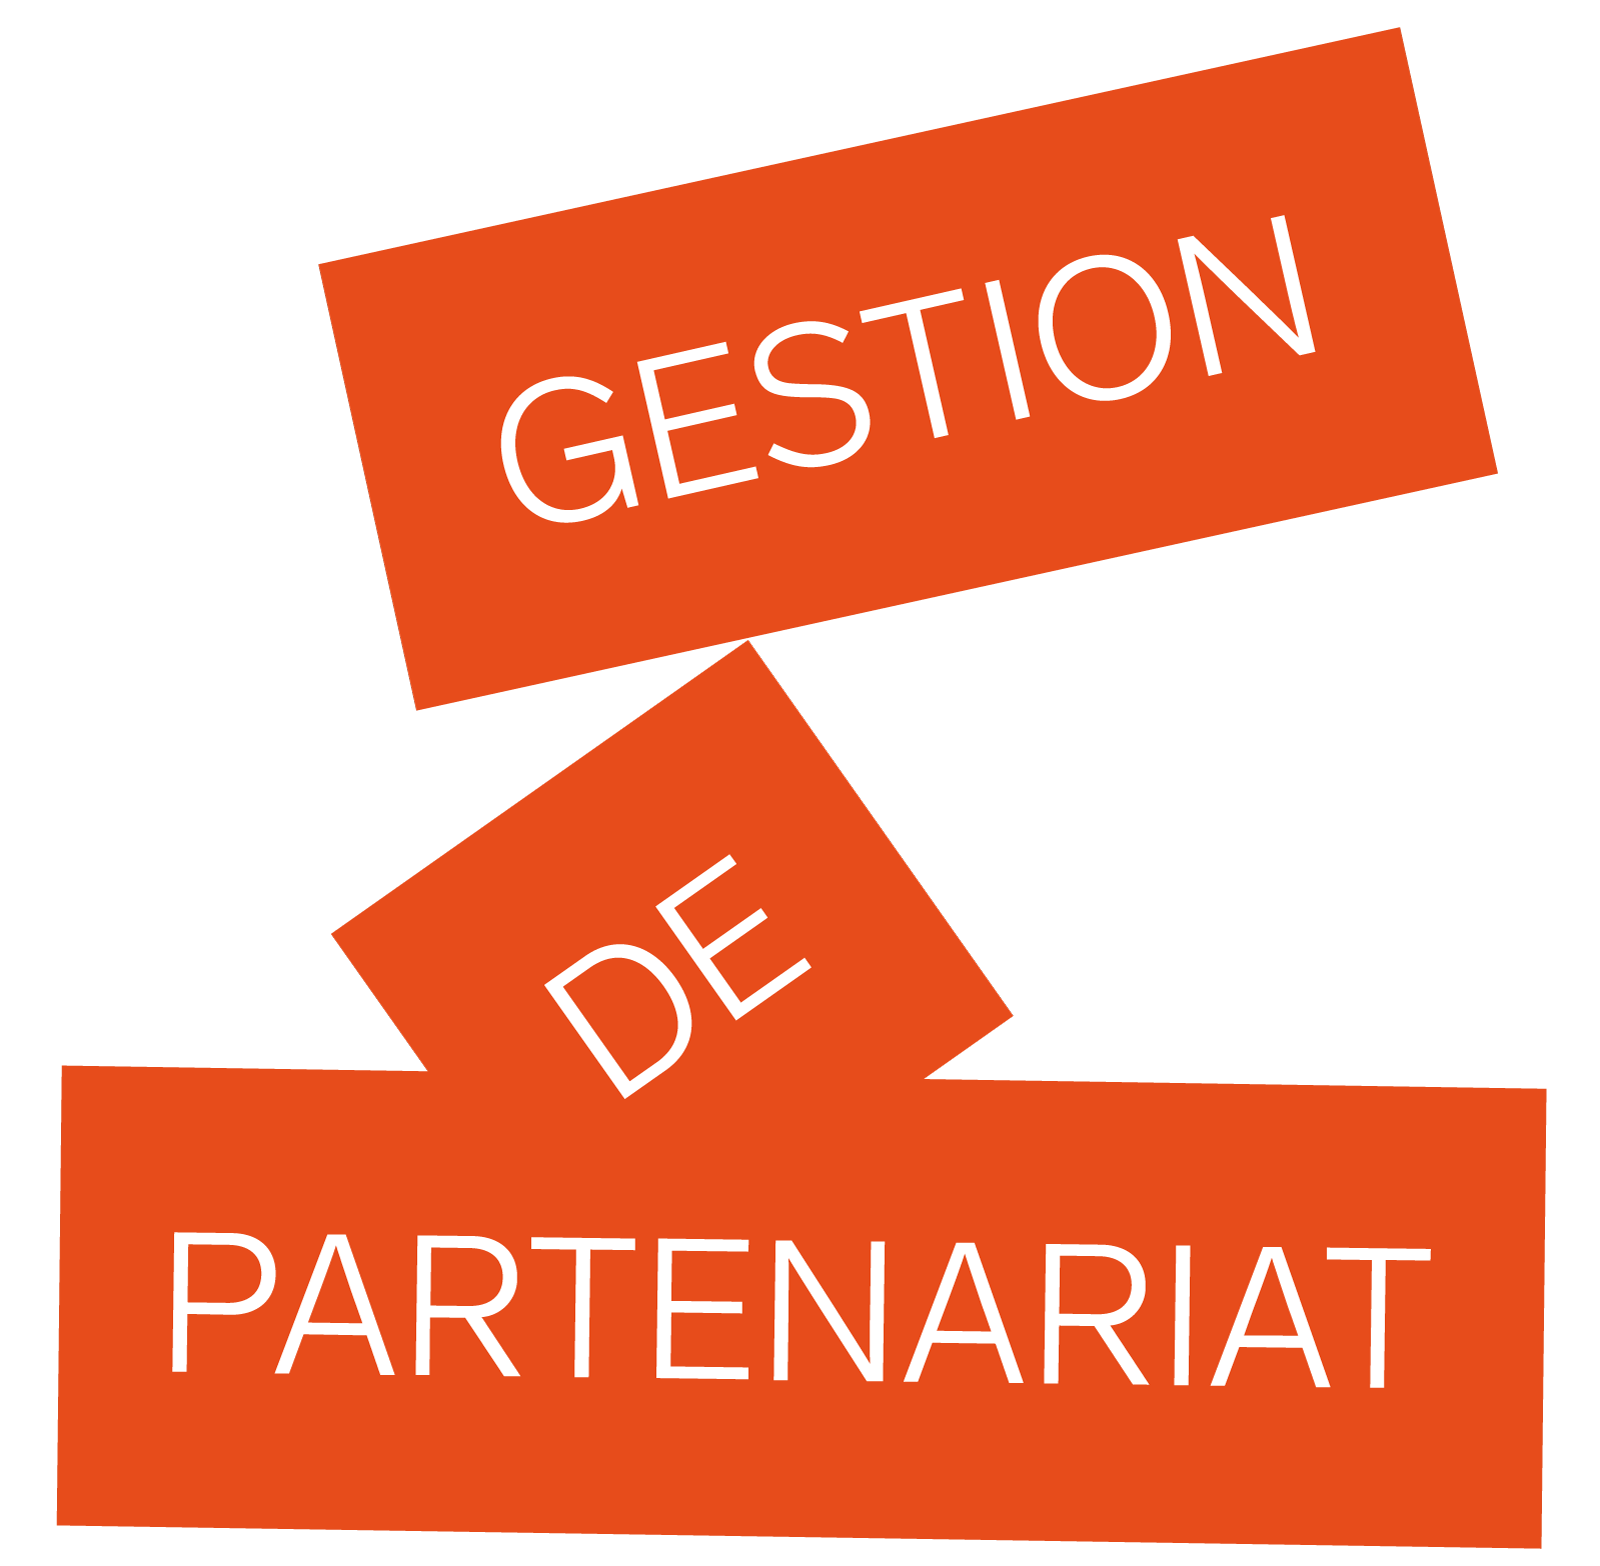 Gestion de partenariat